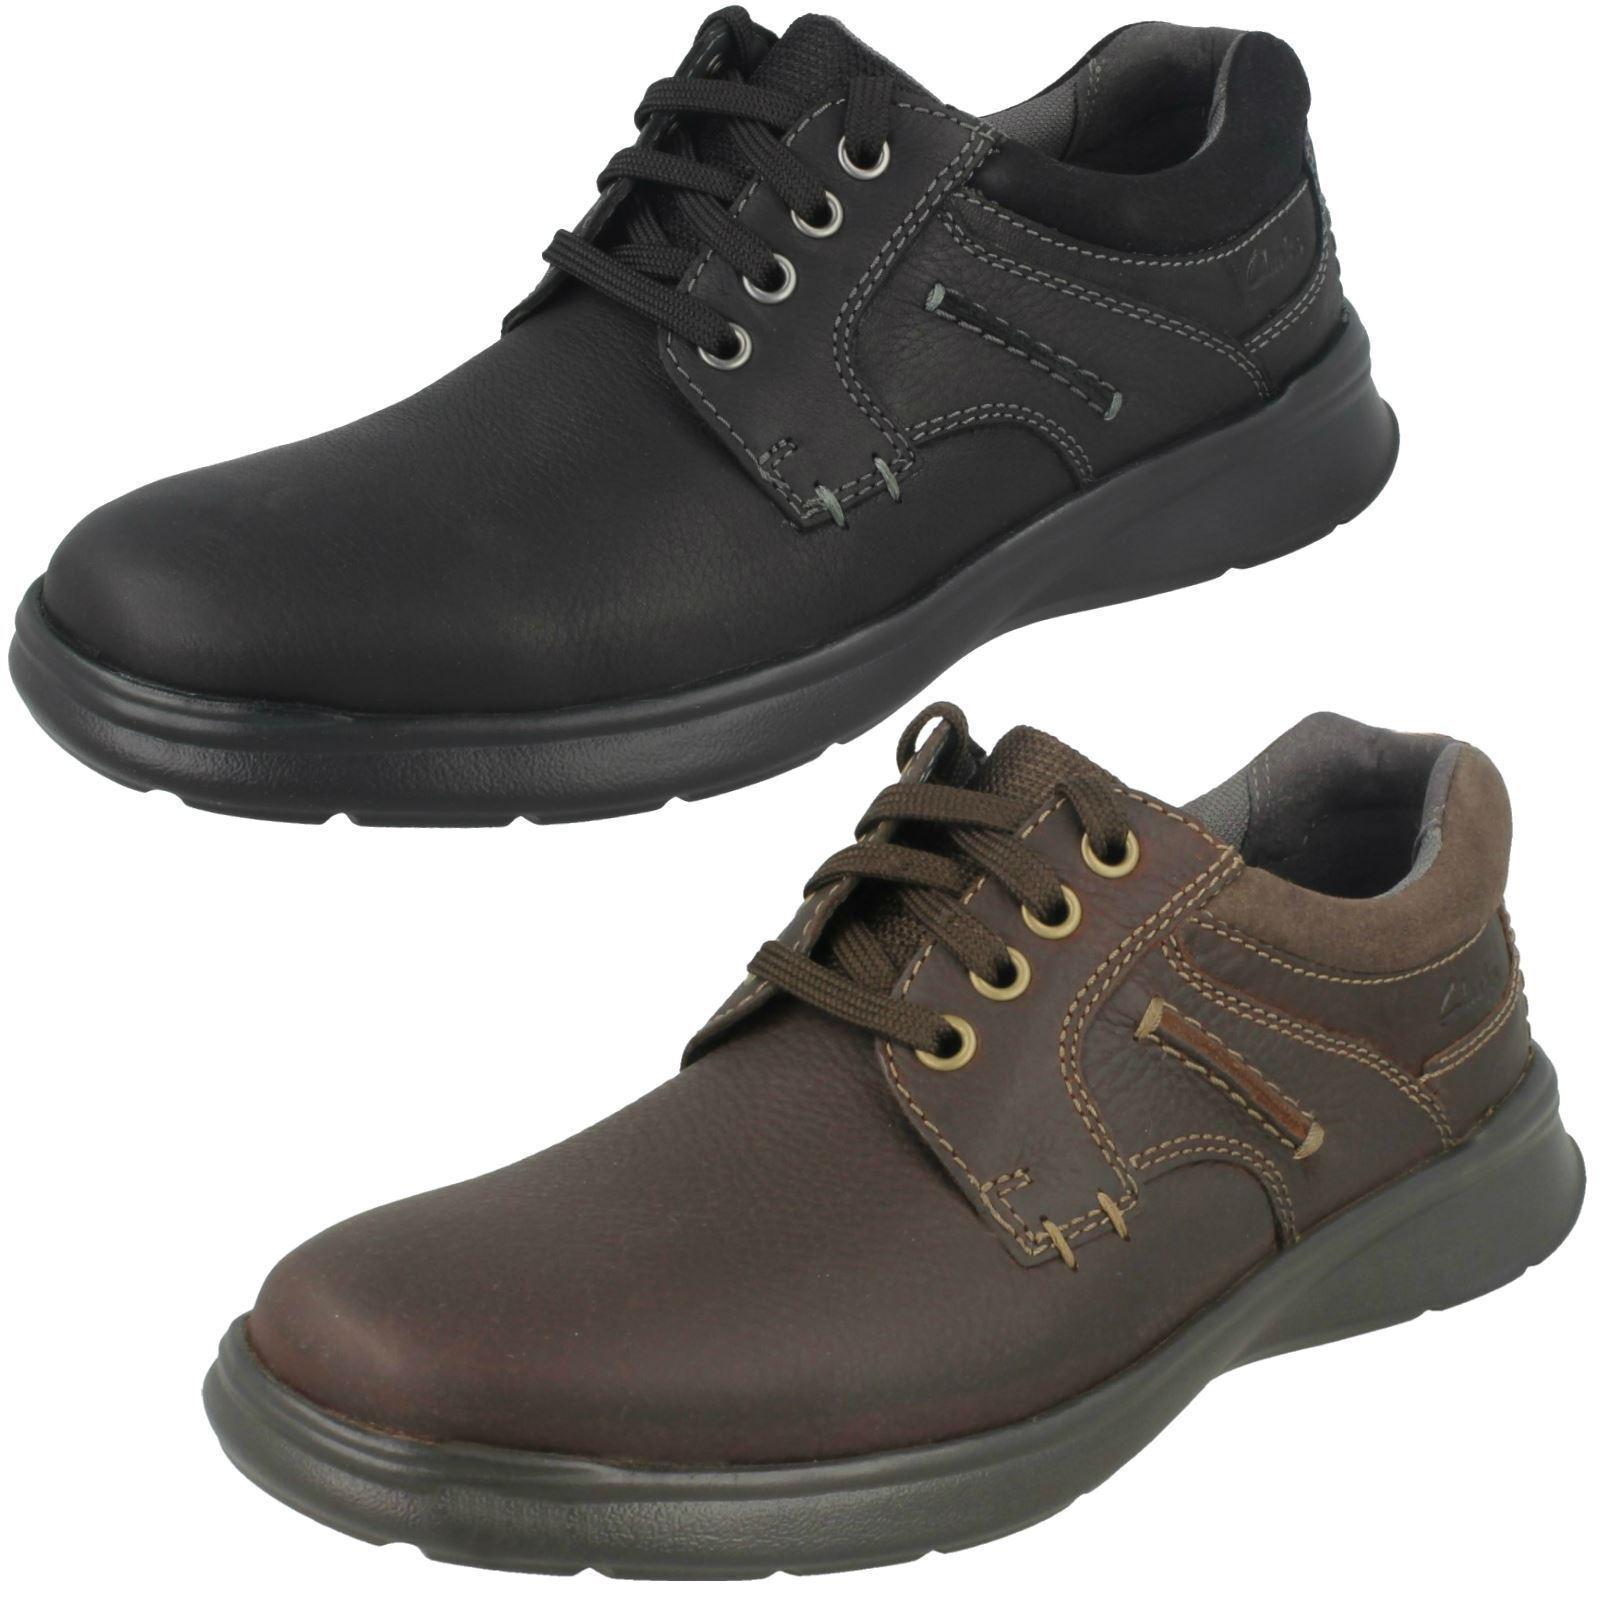 Para Hombre Negro/Marrón Clarks Cuero Zapatos Con Cordones Peso Ligero Cotrell Llano